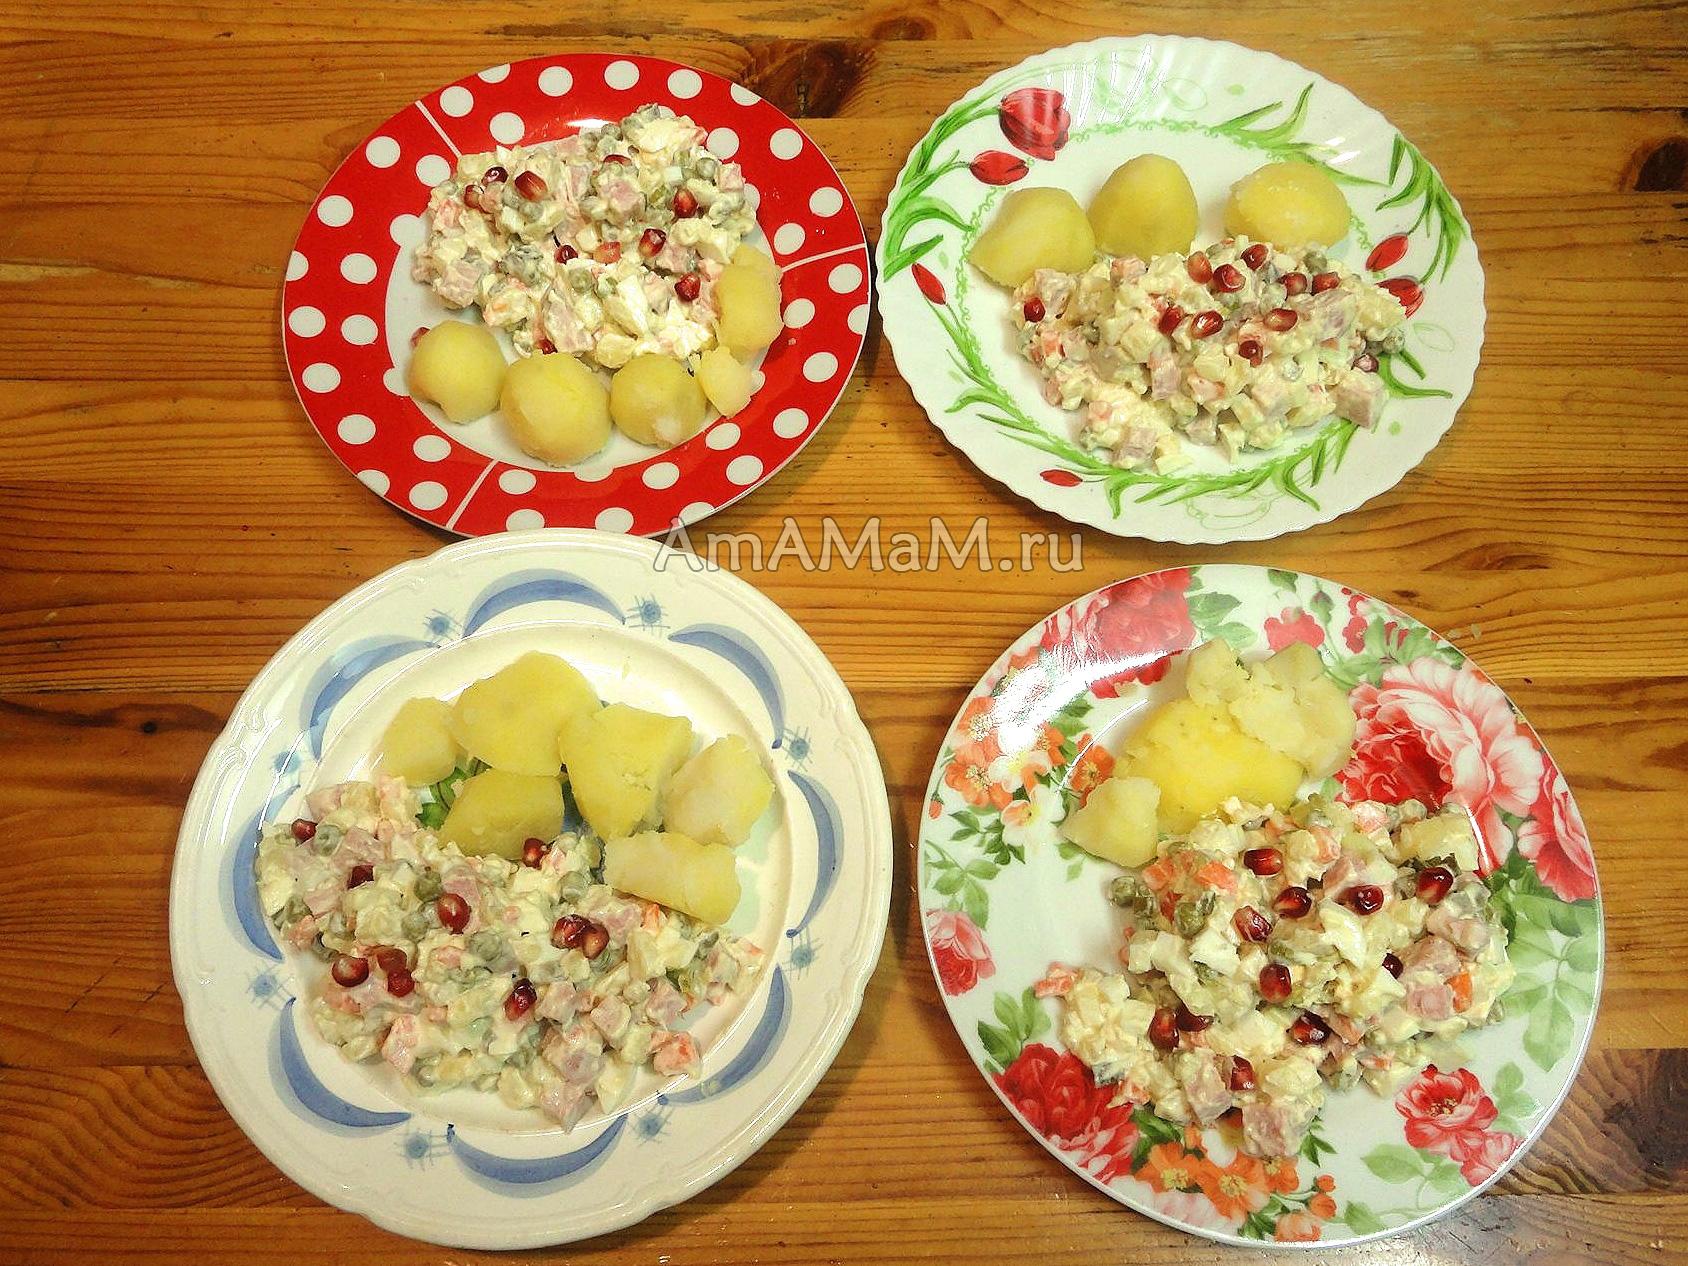 рецепт салата оливье с колбасой фото